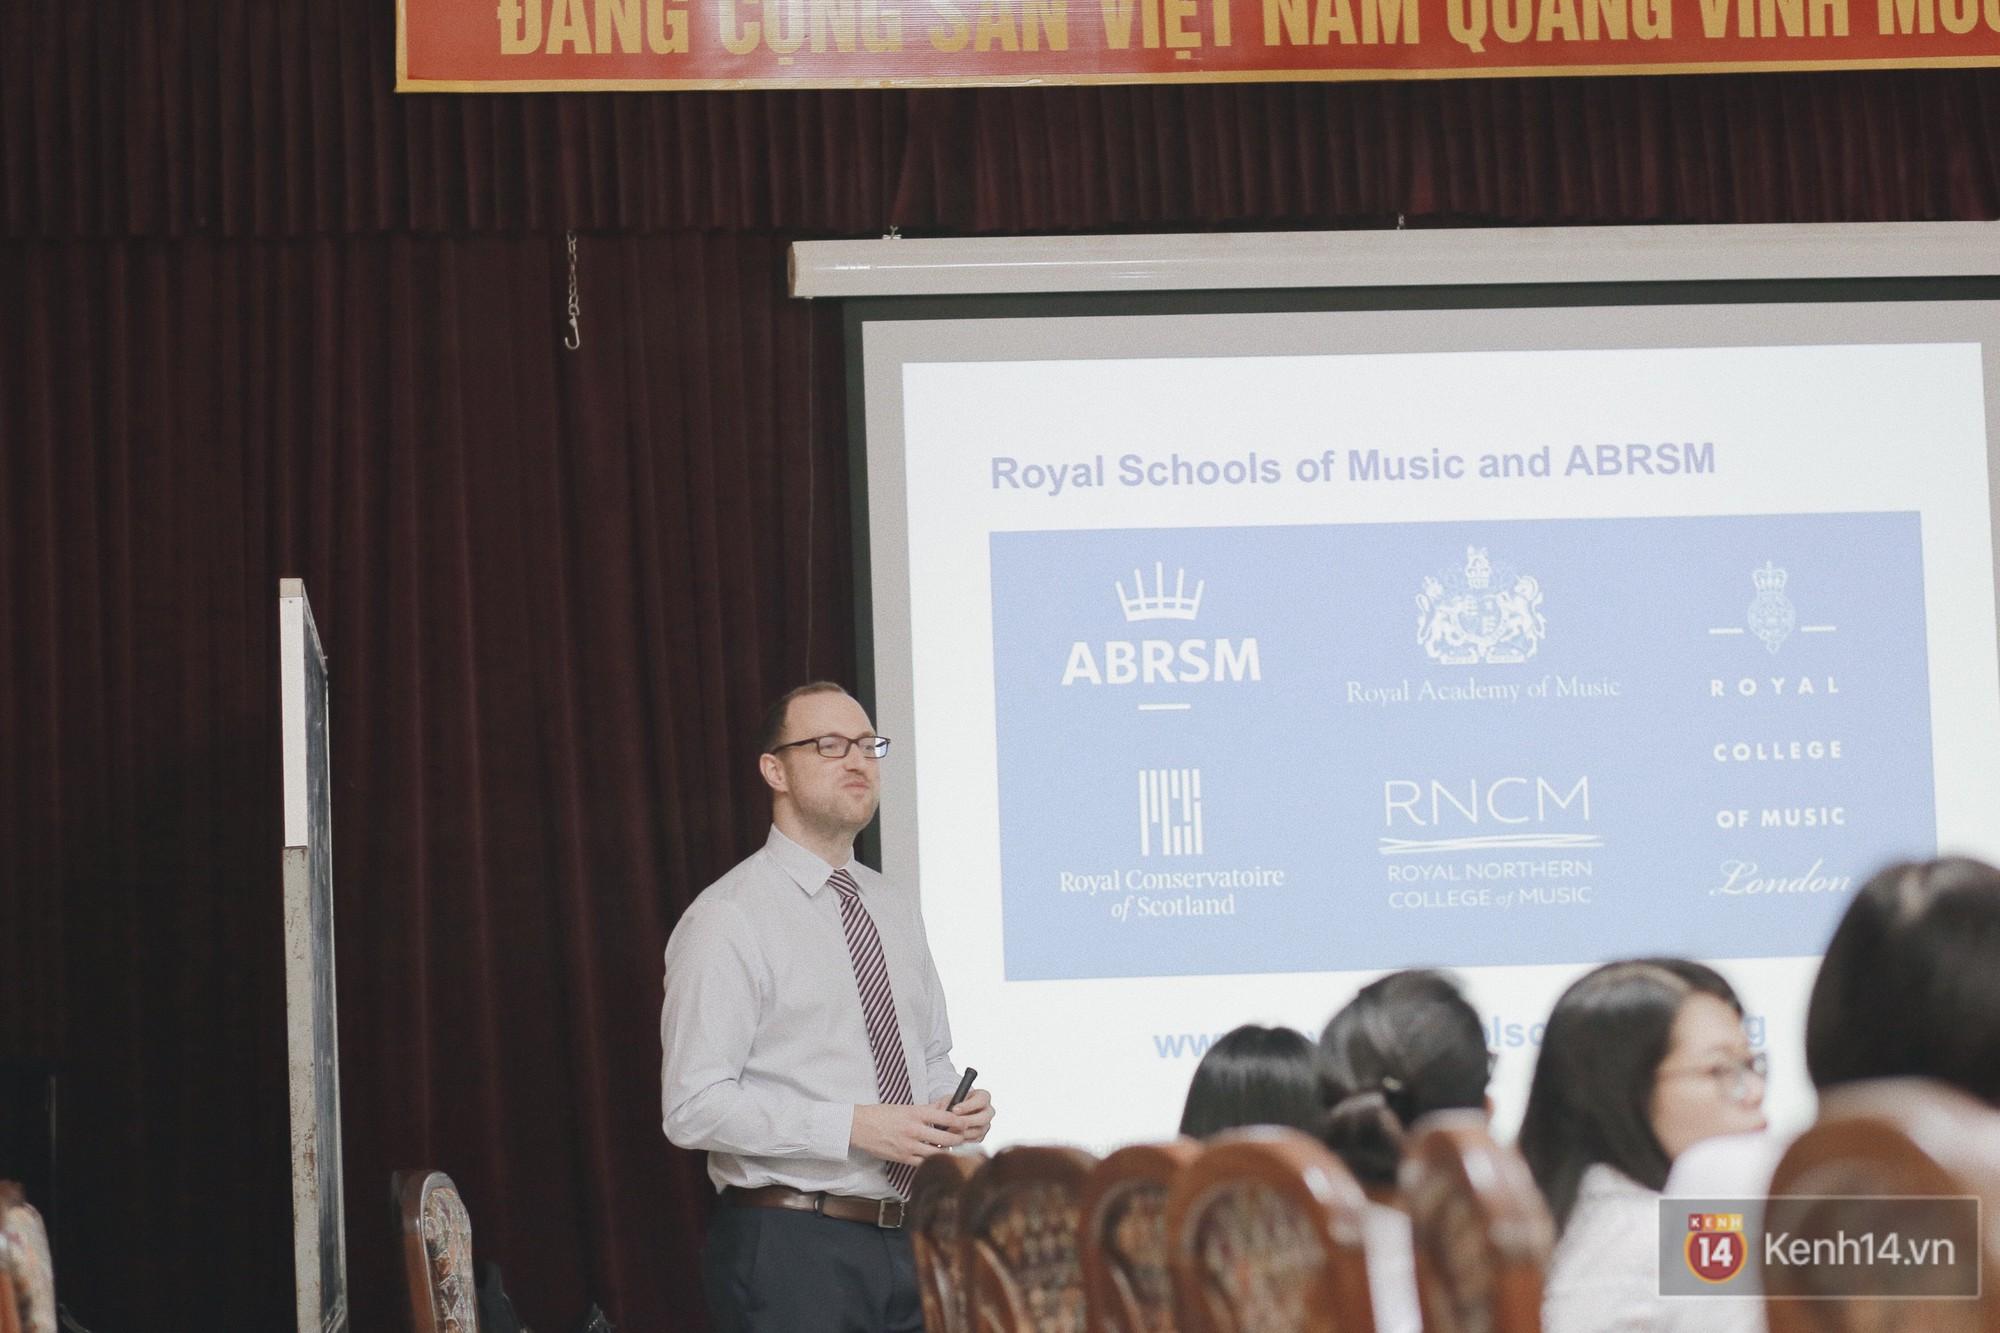 ABRSM - Chứng chỉ âm nhạc uy tín hàng đầu thế giới của Hiệp hội Âm nhạc Hoàng gia Anh đang được đông đảo trẻ em Việt lựa chọn - Ảnh 7.